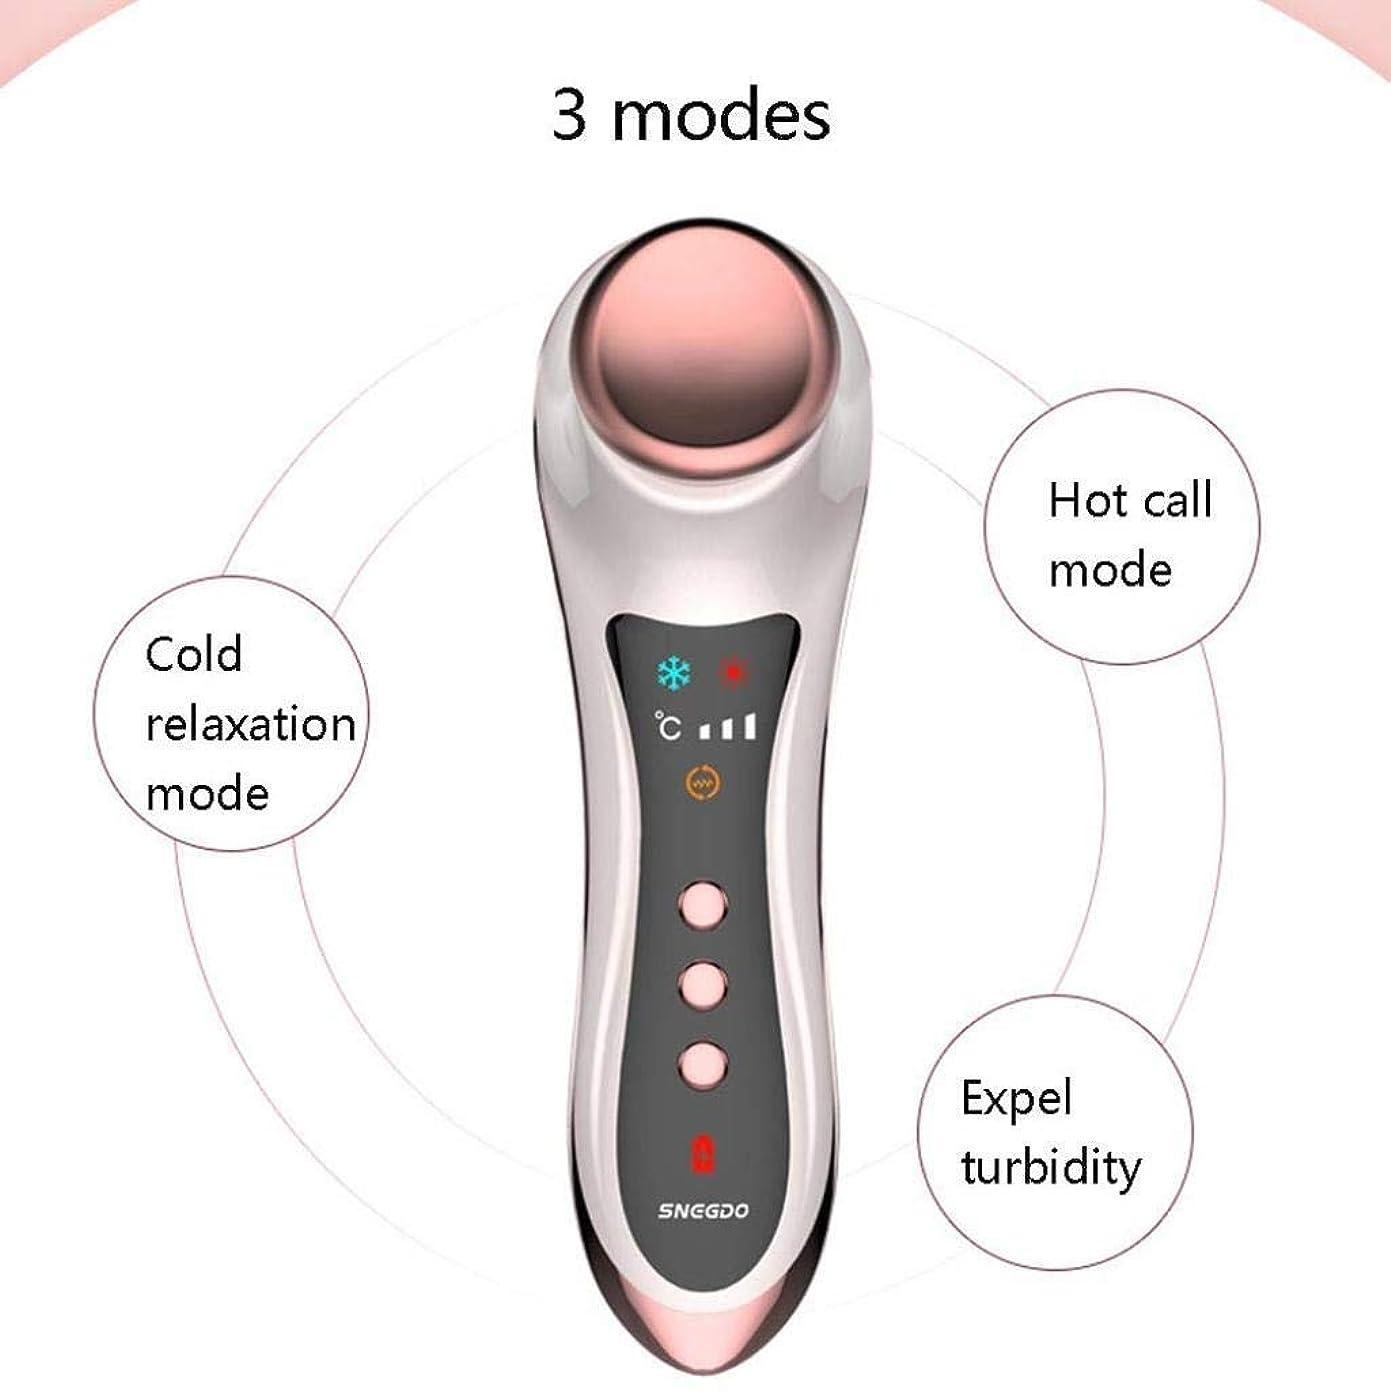 エミュレーション埋める融合アイマッサージャー、電熱式バイブレーションフェイシャルマッサージ、ダークサークルメガネの疲労や浮腫を軽減、高周波振動、USBインターフェース充電